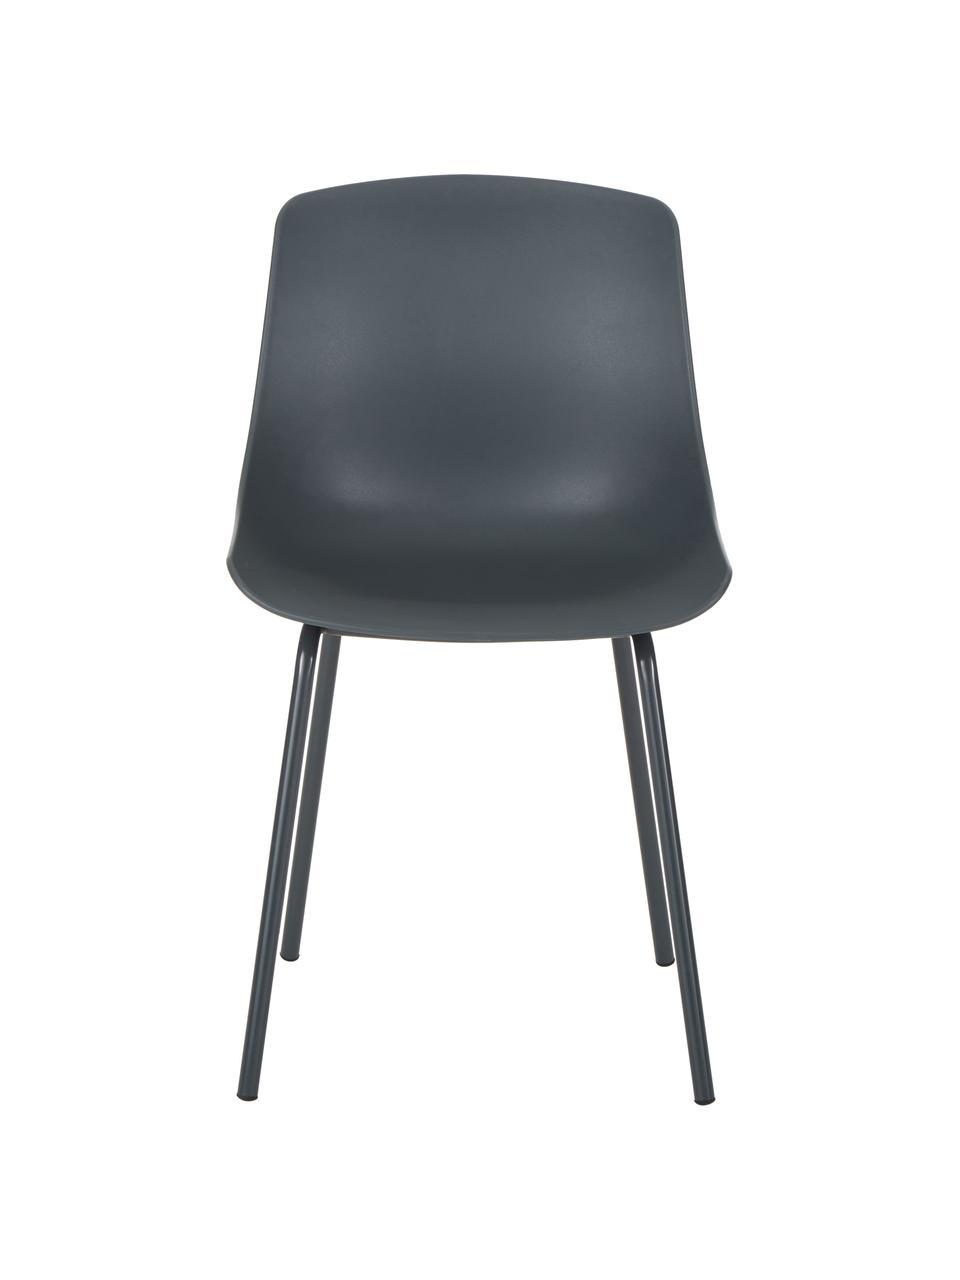 Sedia color grigio scuro con gambe in metallo Dave 2 pz, Seduta: materiale sintetico, Gambe: metallo verniciato a polv, Grigio scuro, Larg. 46 x Prof. 53 cm